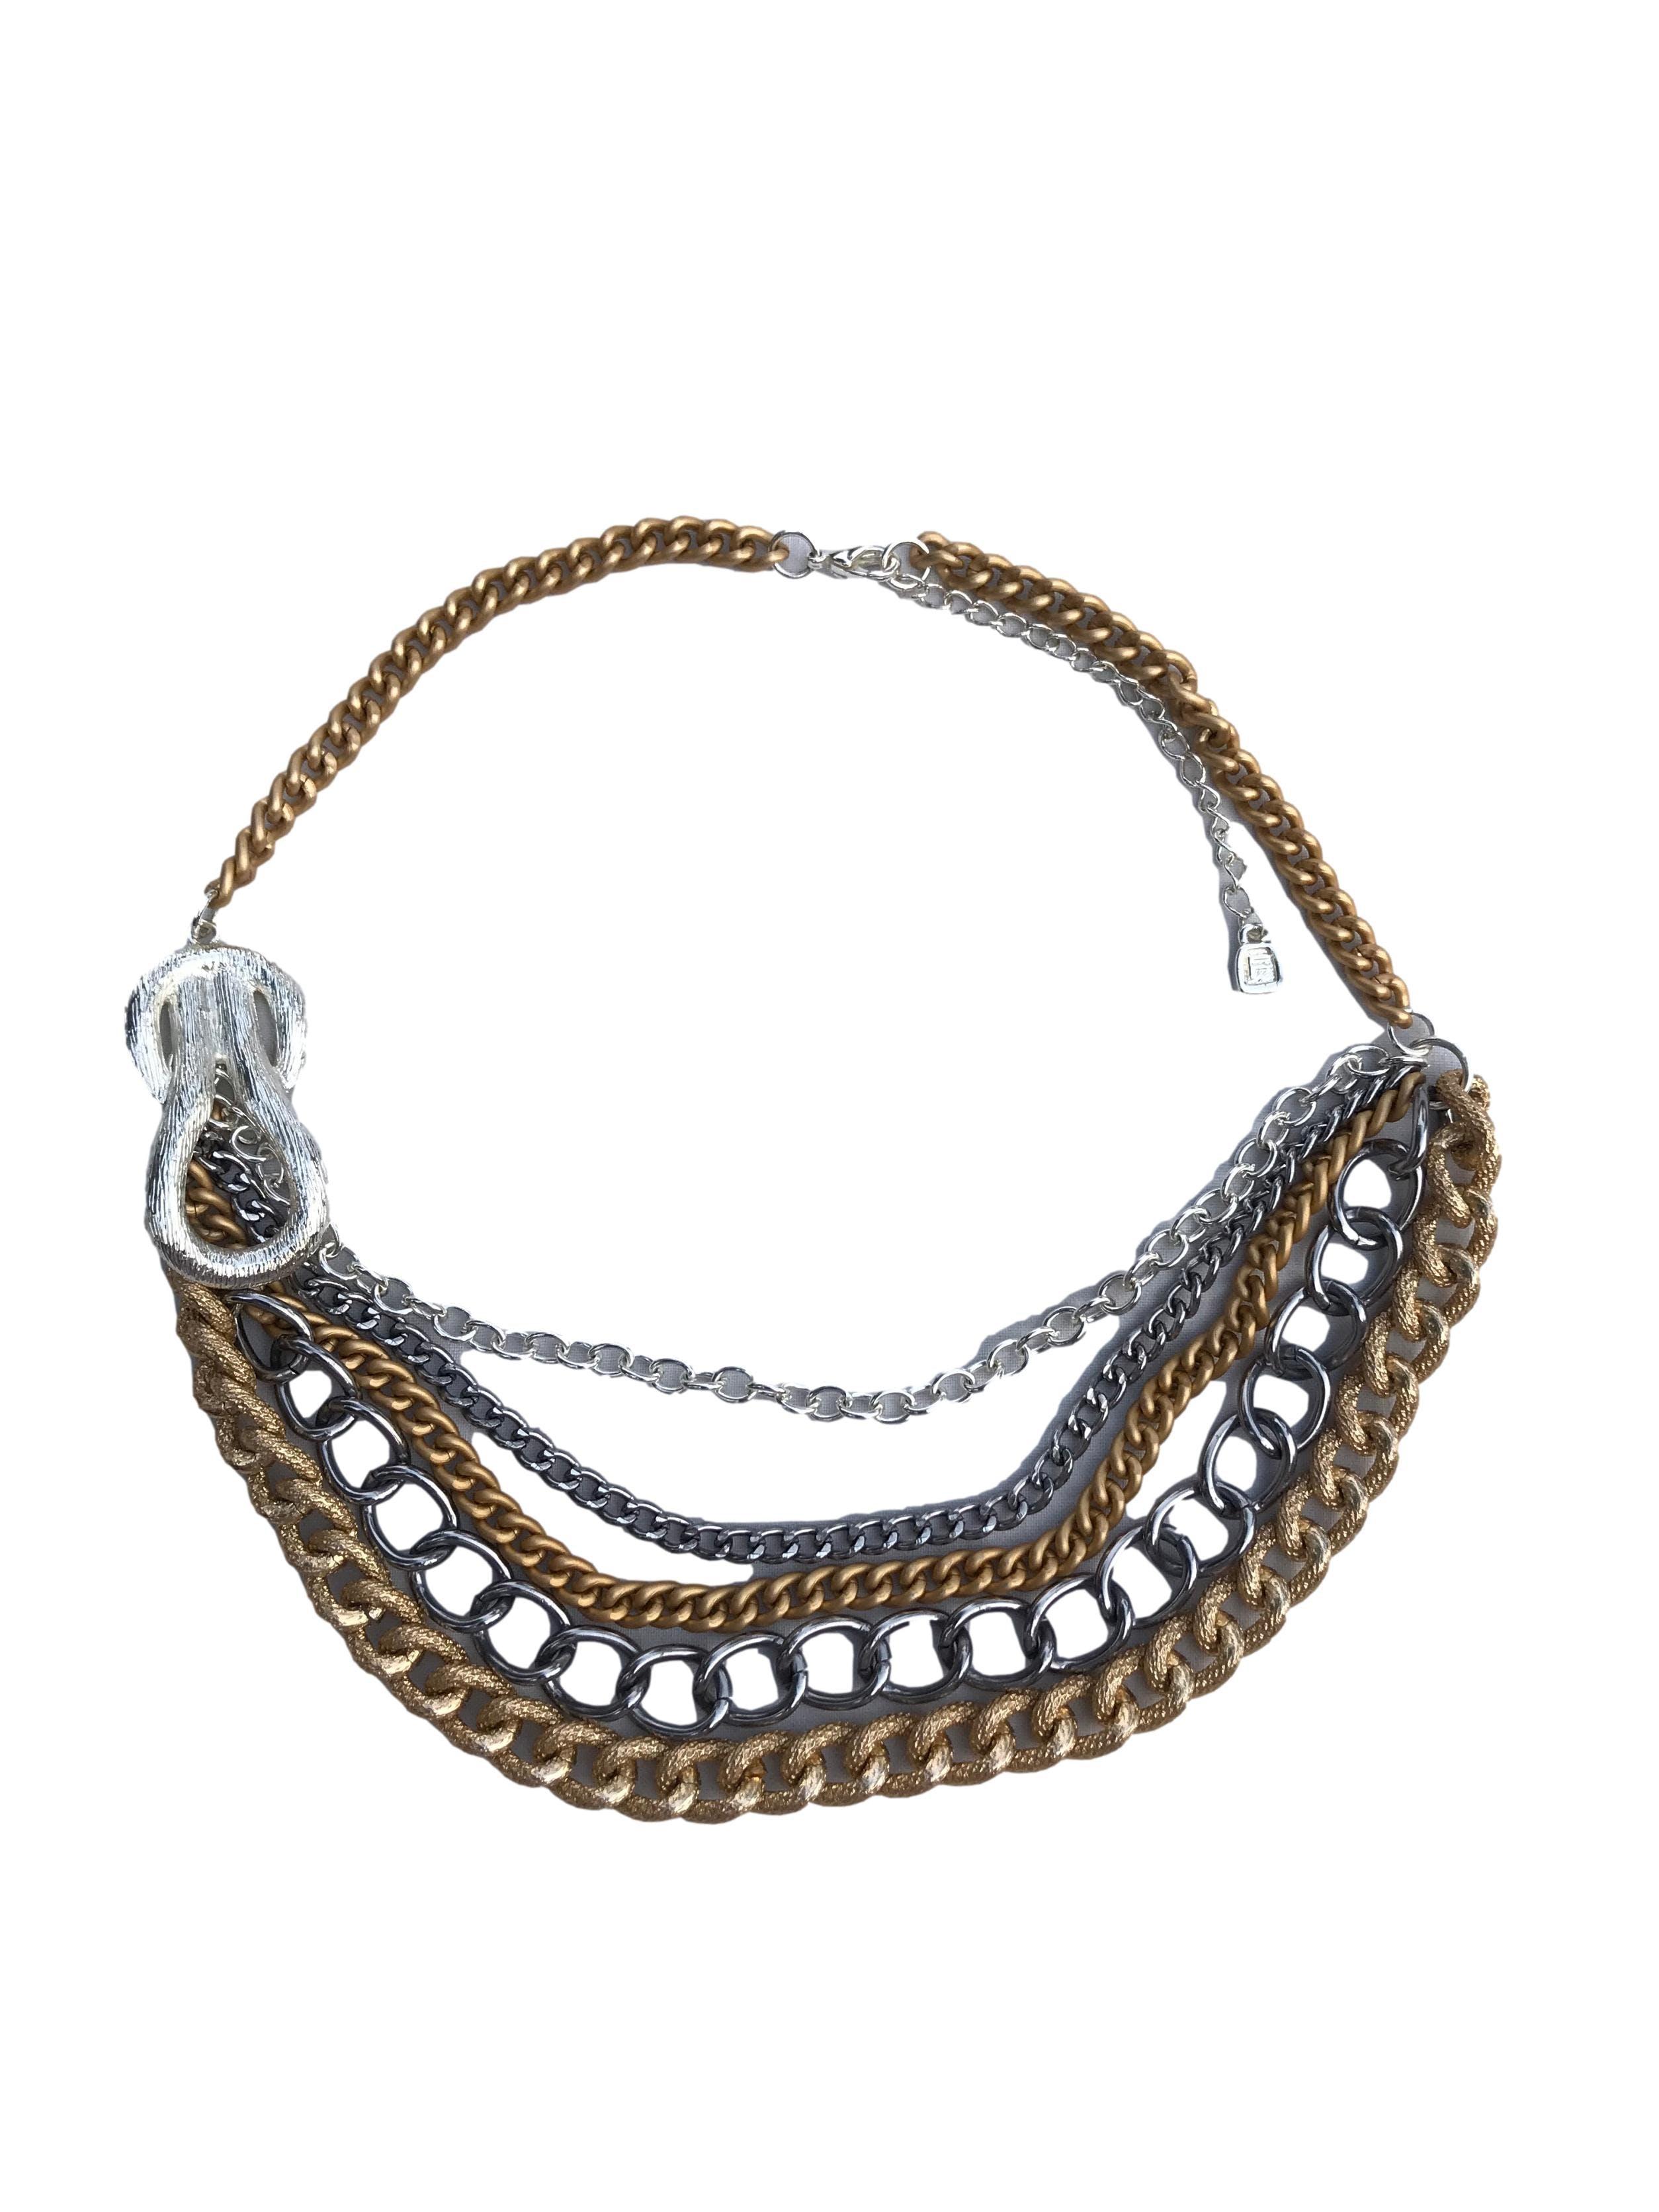 Collar de cadenas plateadas y doradas de distintas proporciones. Largo 48cm